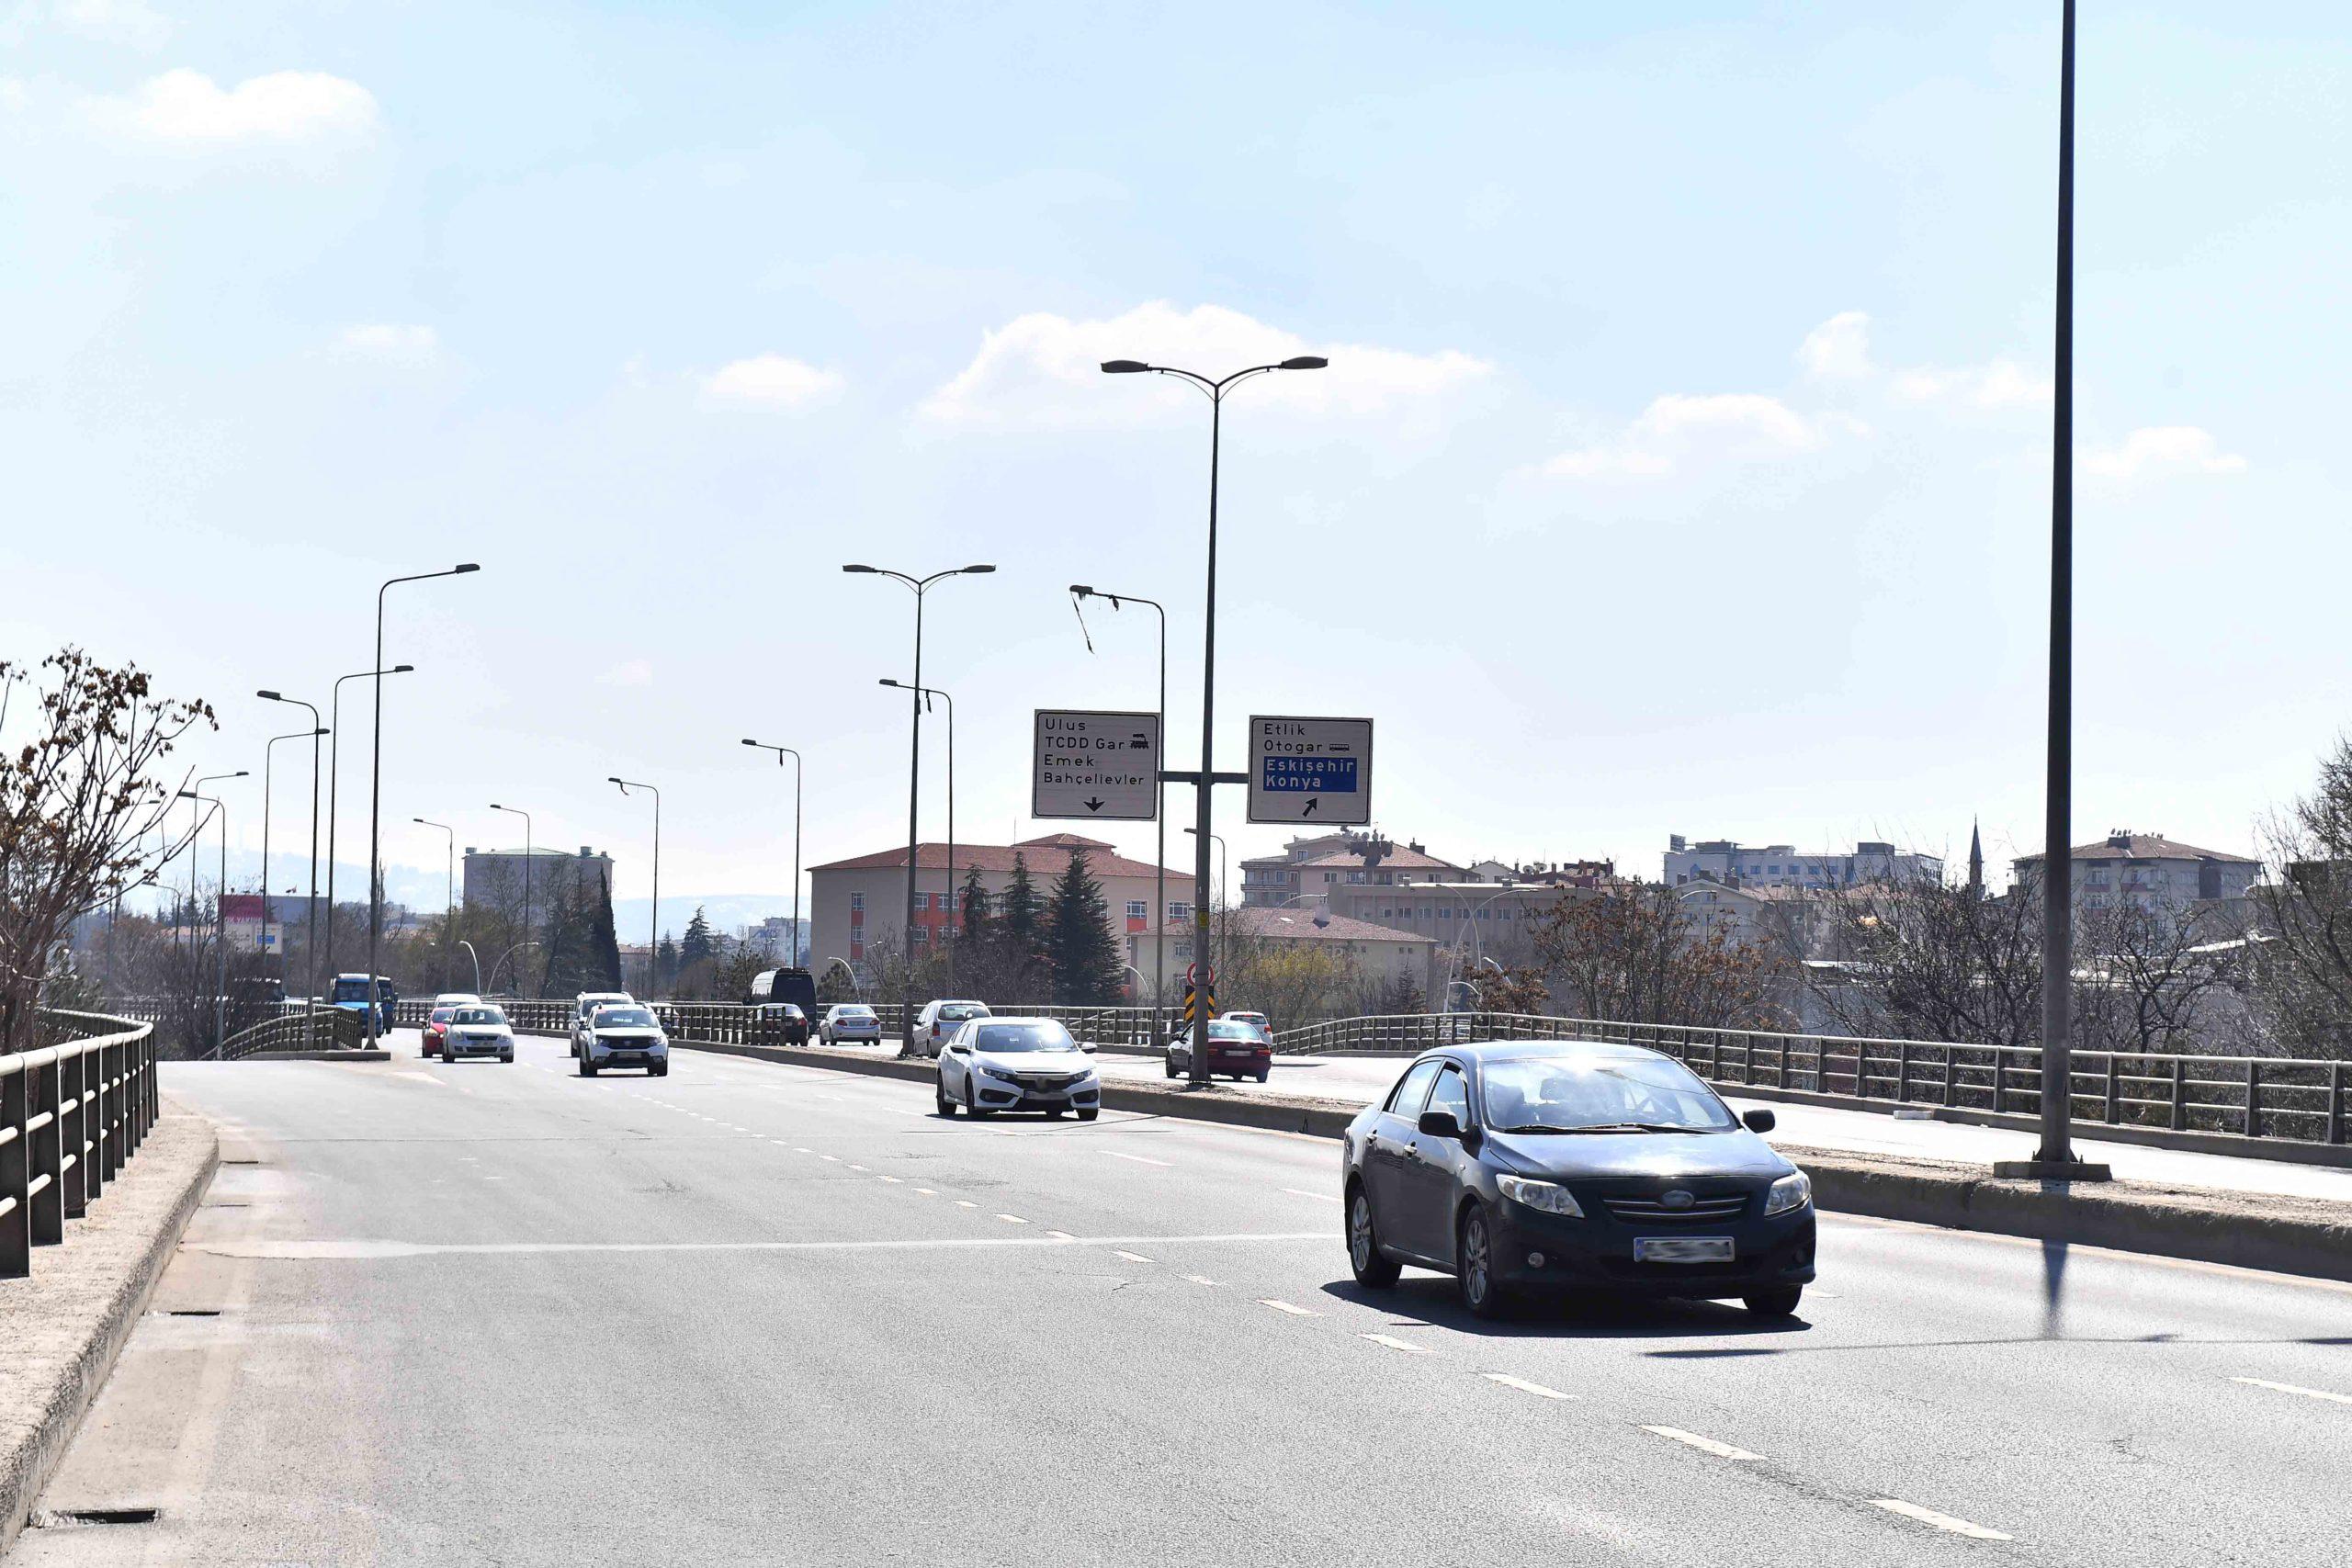 Ankara Keçiören'de Trafik Sorununa Neşter: Fatih Köprüsü Yenilenecek